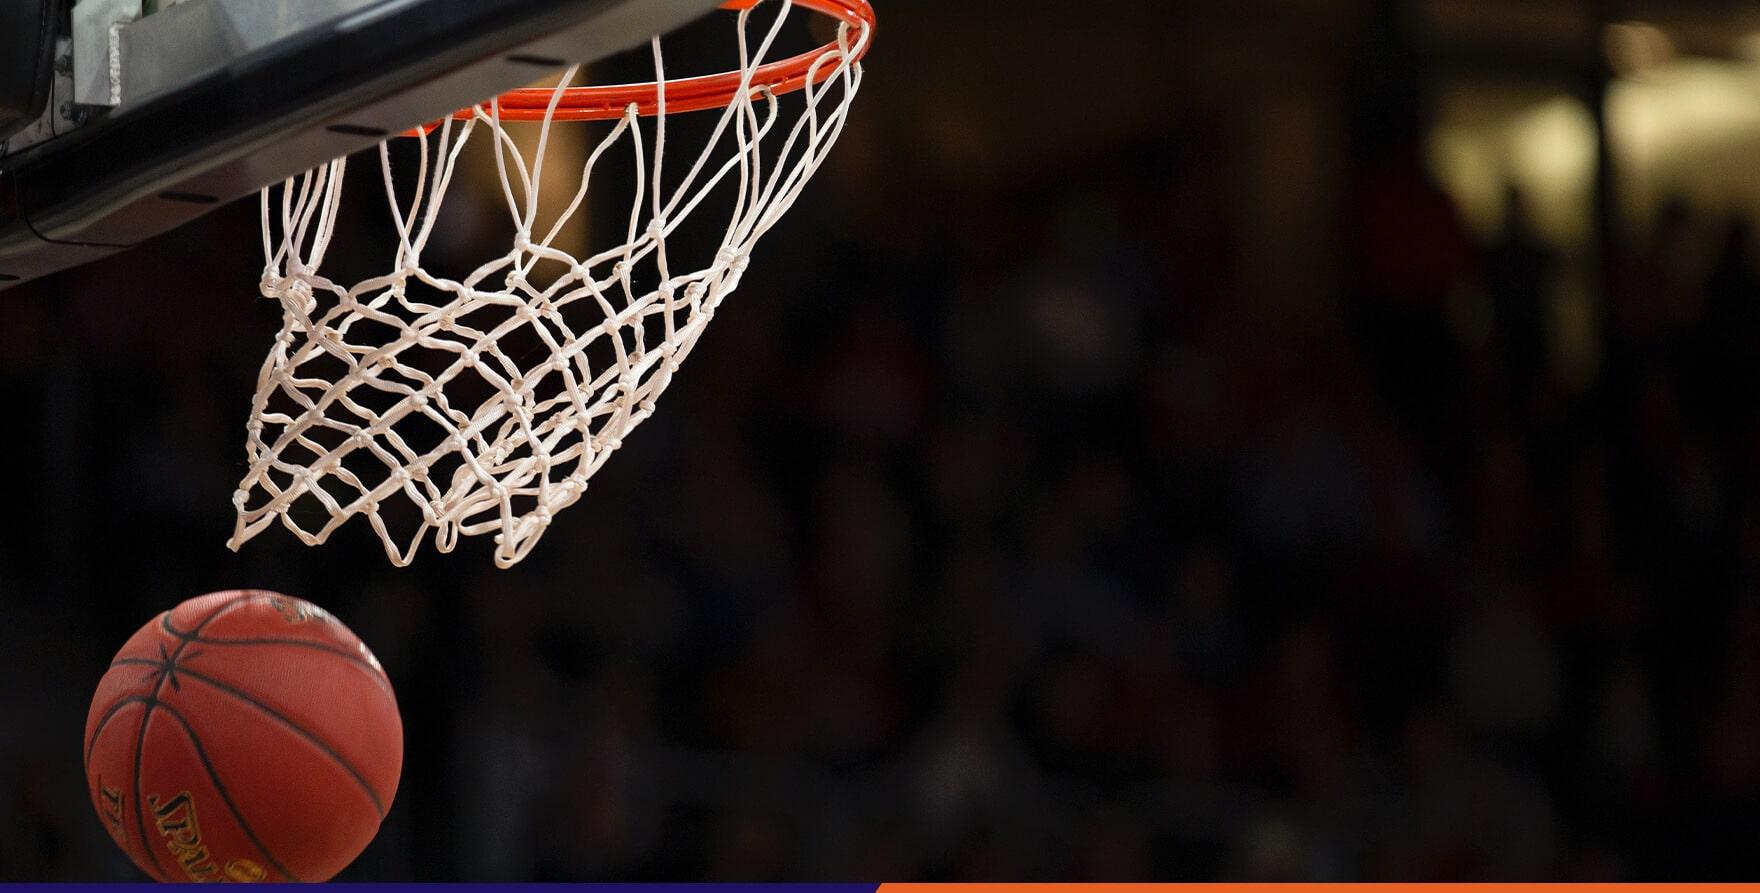 Phoenix Suns basketball hoop